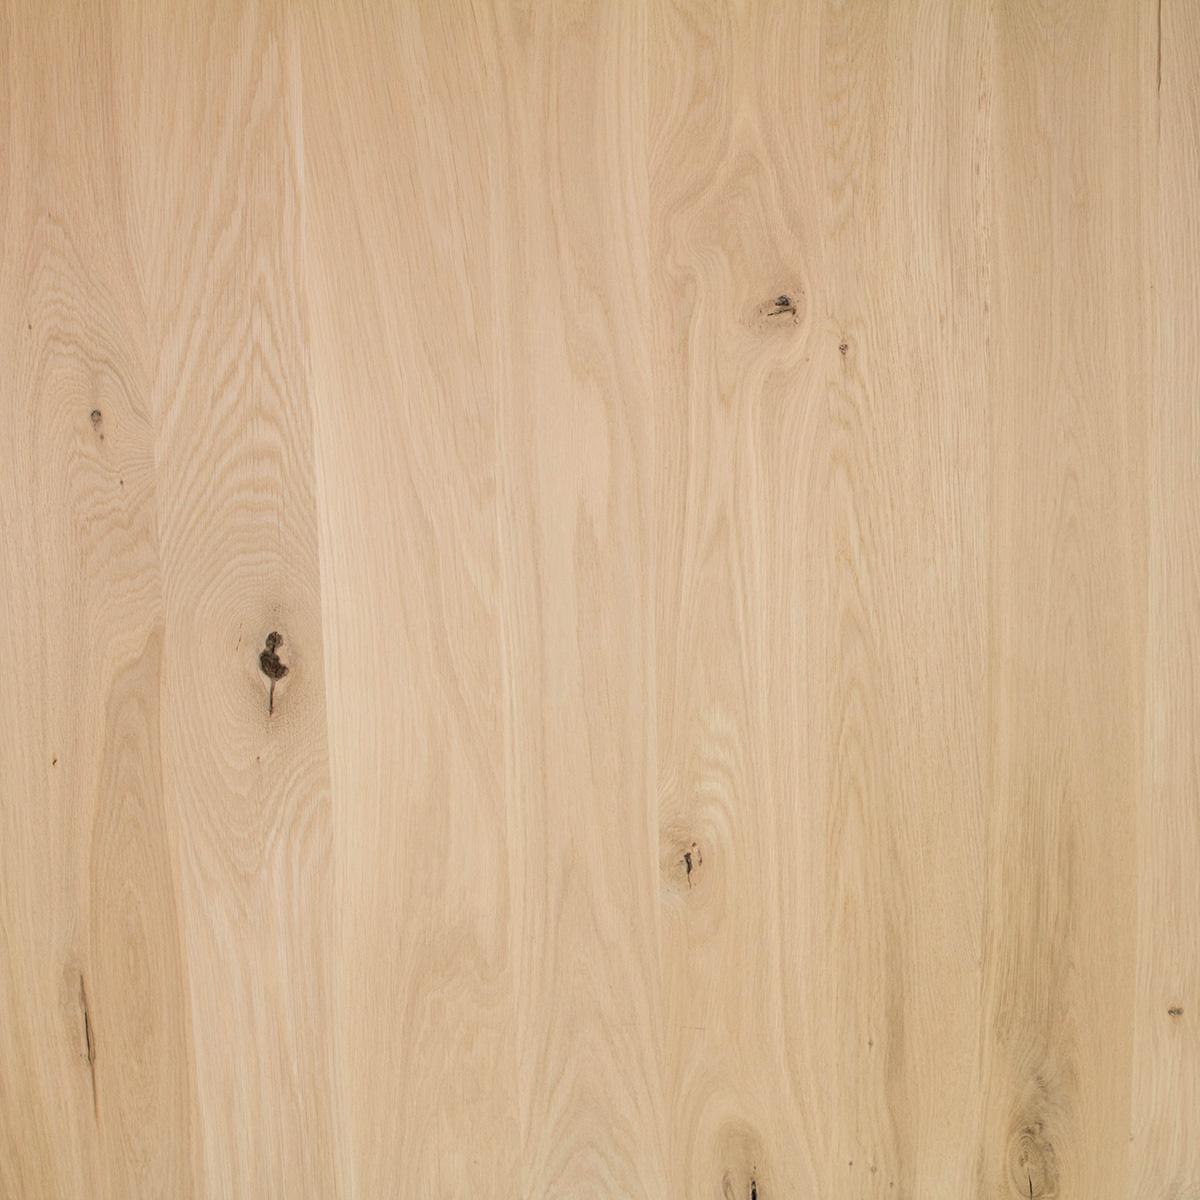 A Tischbeine Eiche (SET - 2 Stück) 10x10 cm - 85 cm breit - 72 cm hoch - Eichenholz Rustikal - Massive A Tischkufen - künstlich getrocknet HF 8-12%